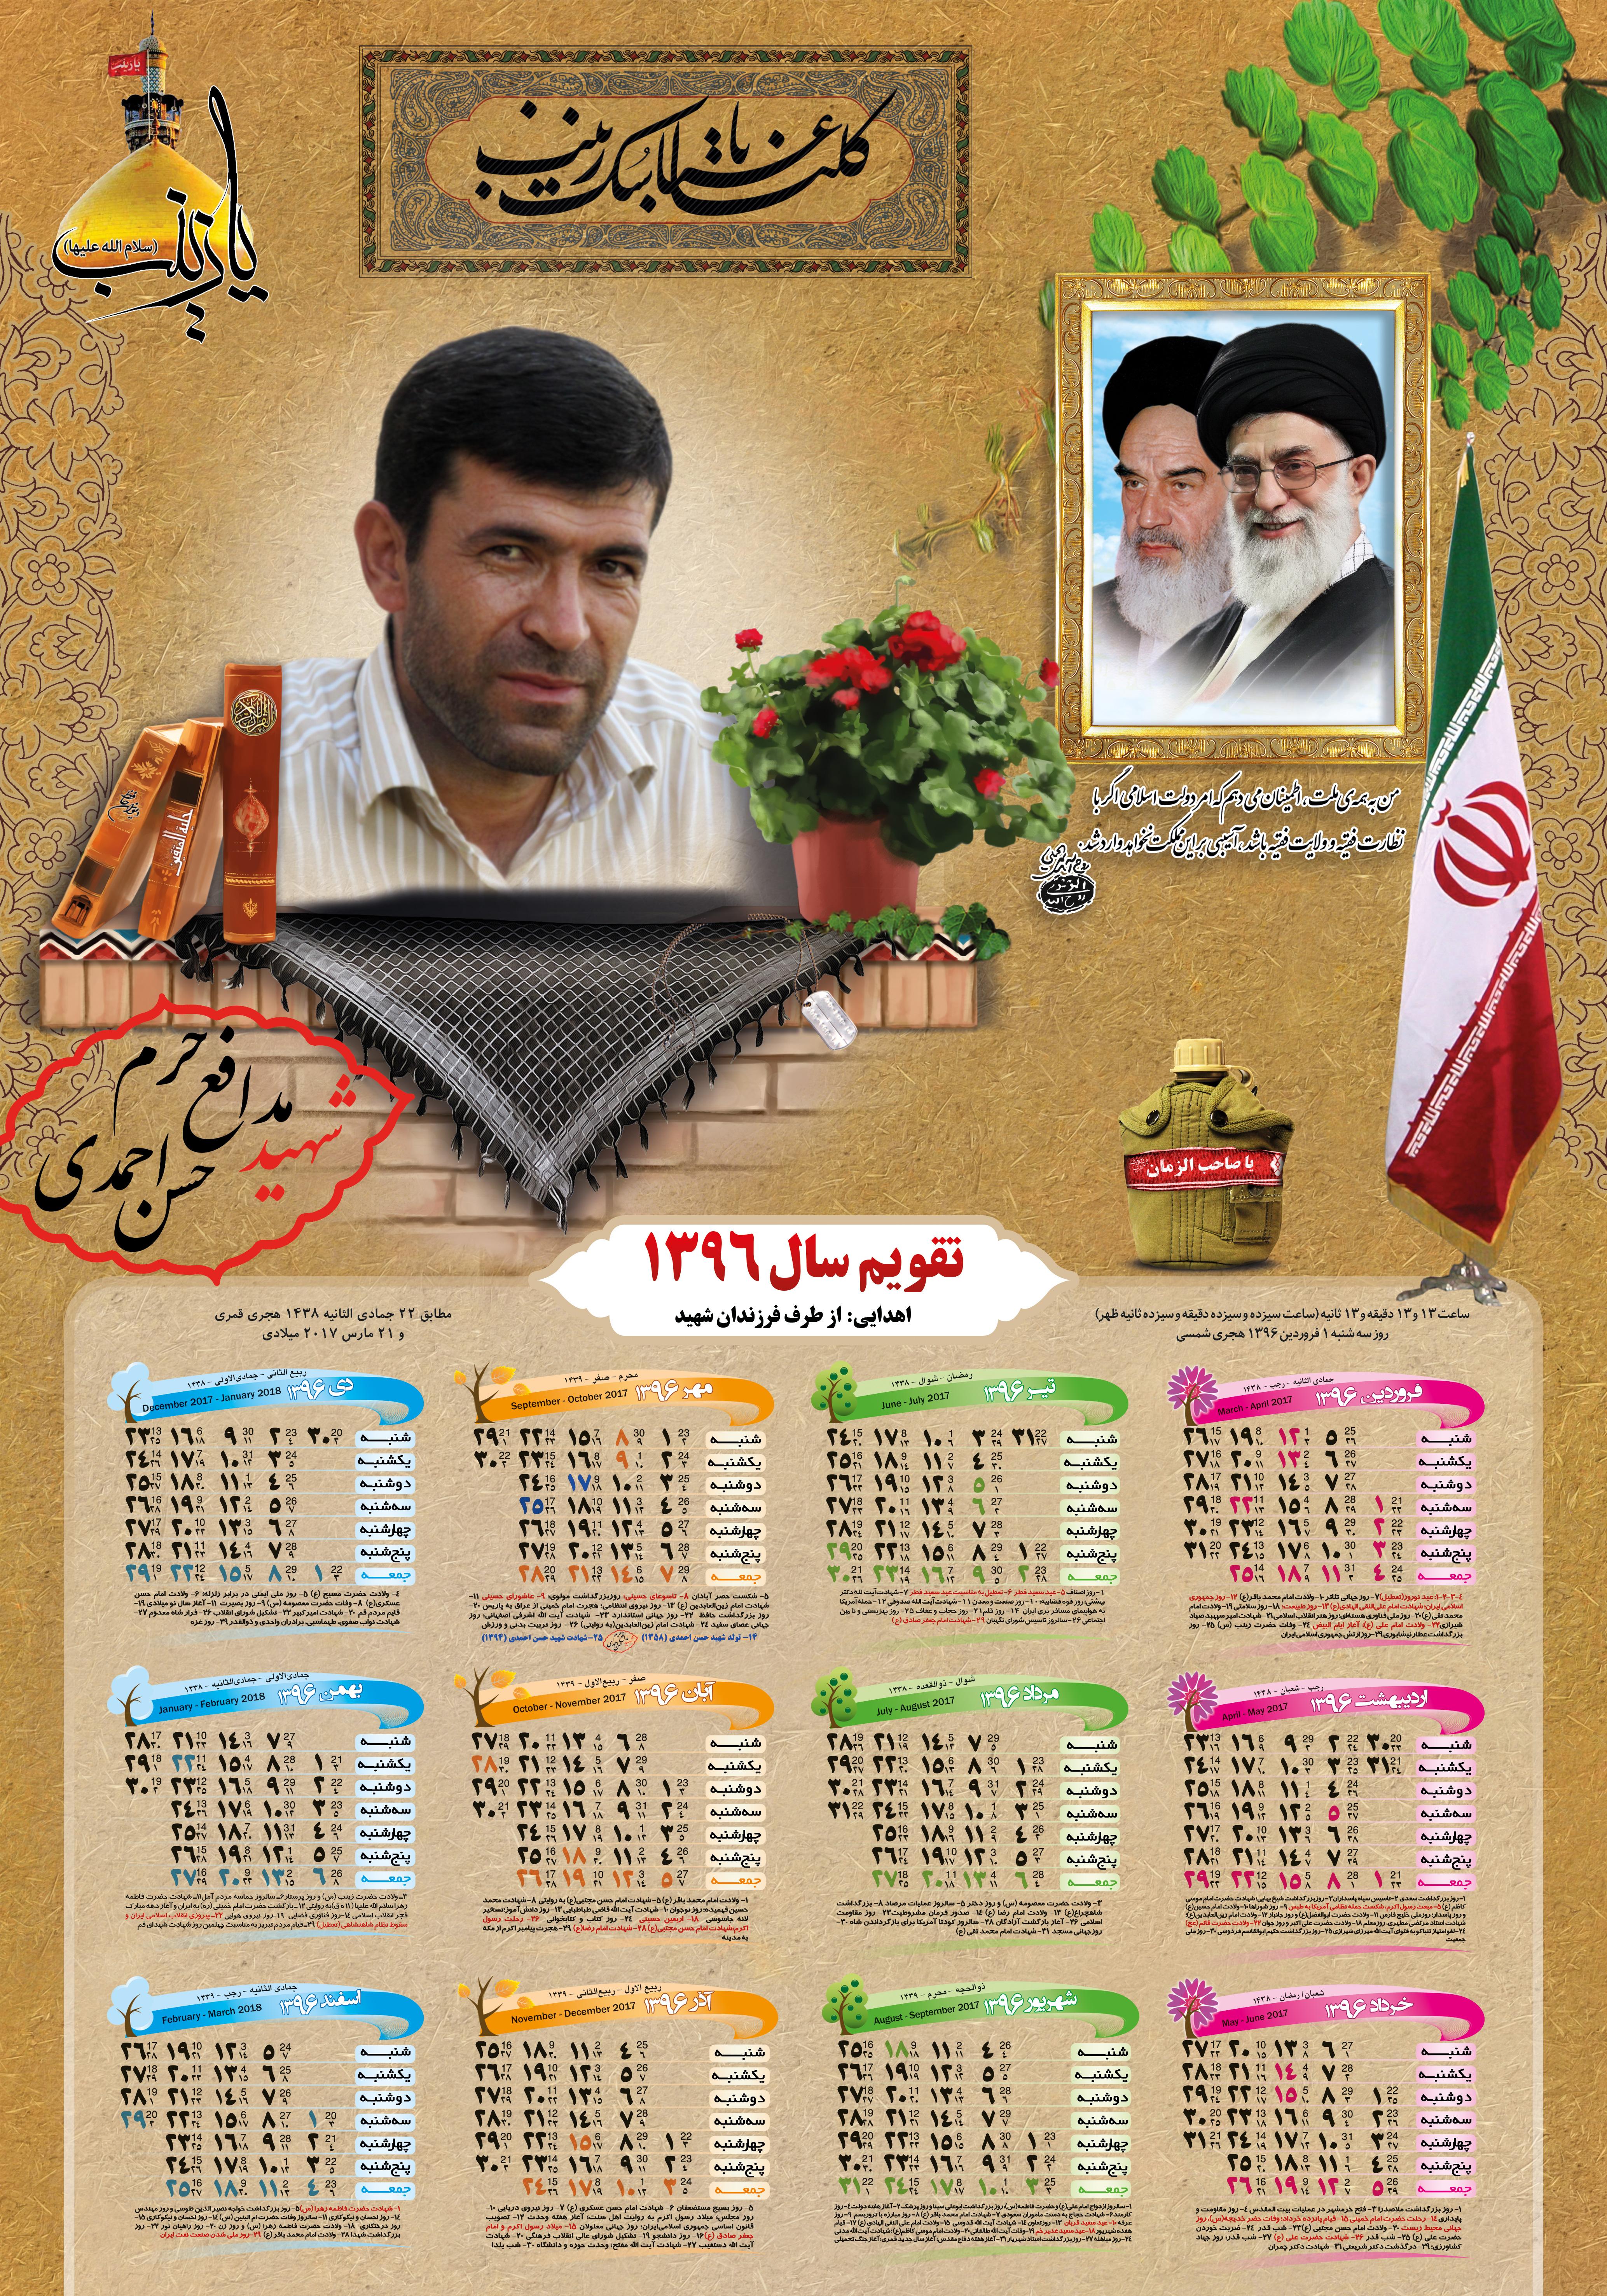 تصویر از فایل لایه باز تقویم شهید مدافع حرم – حسن احمدی